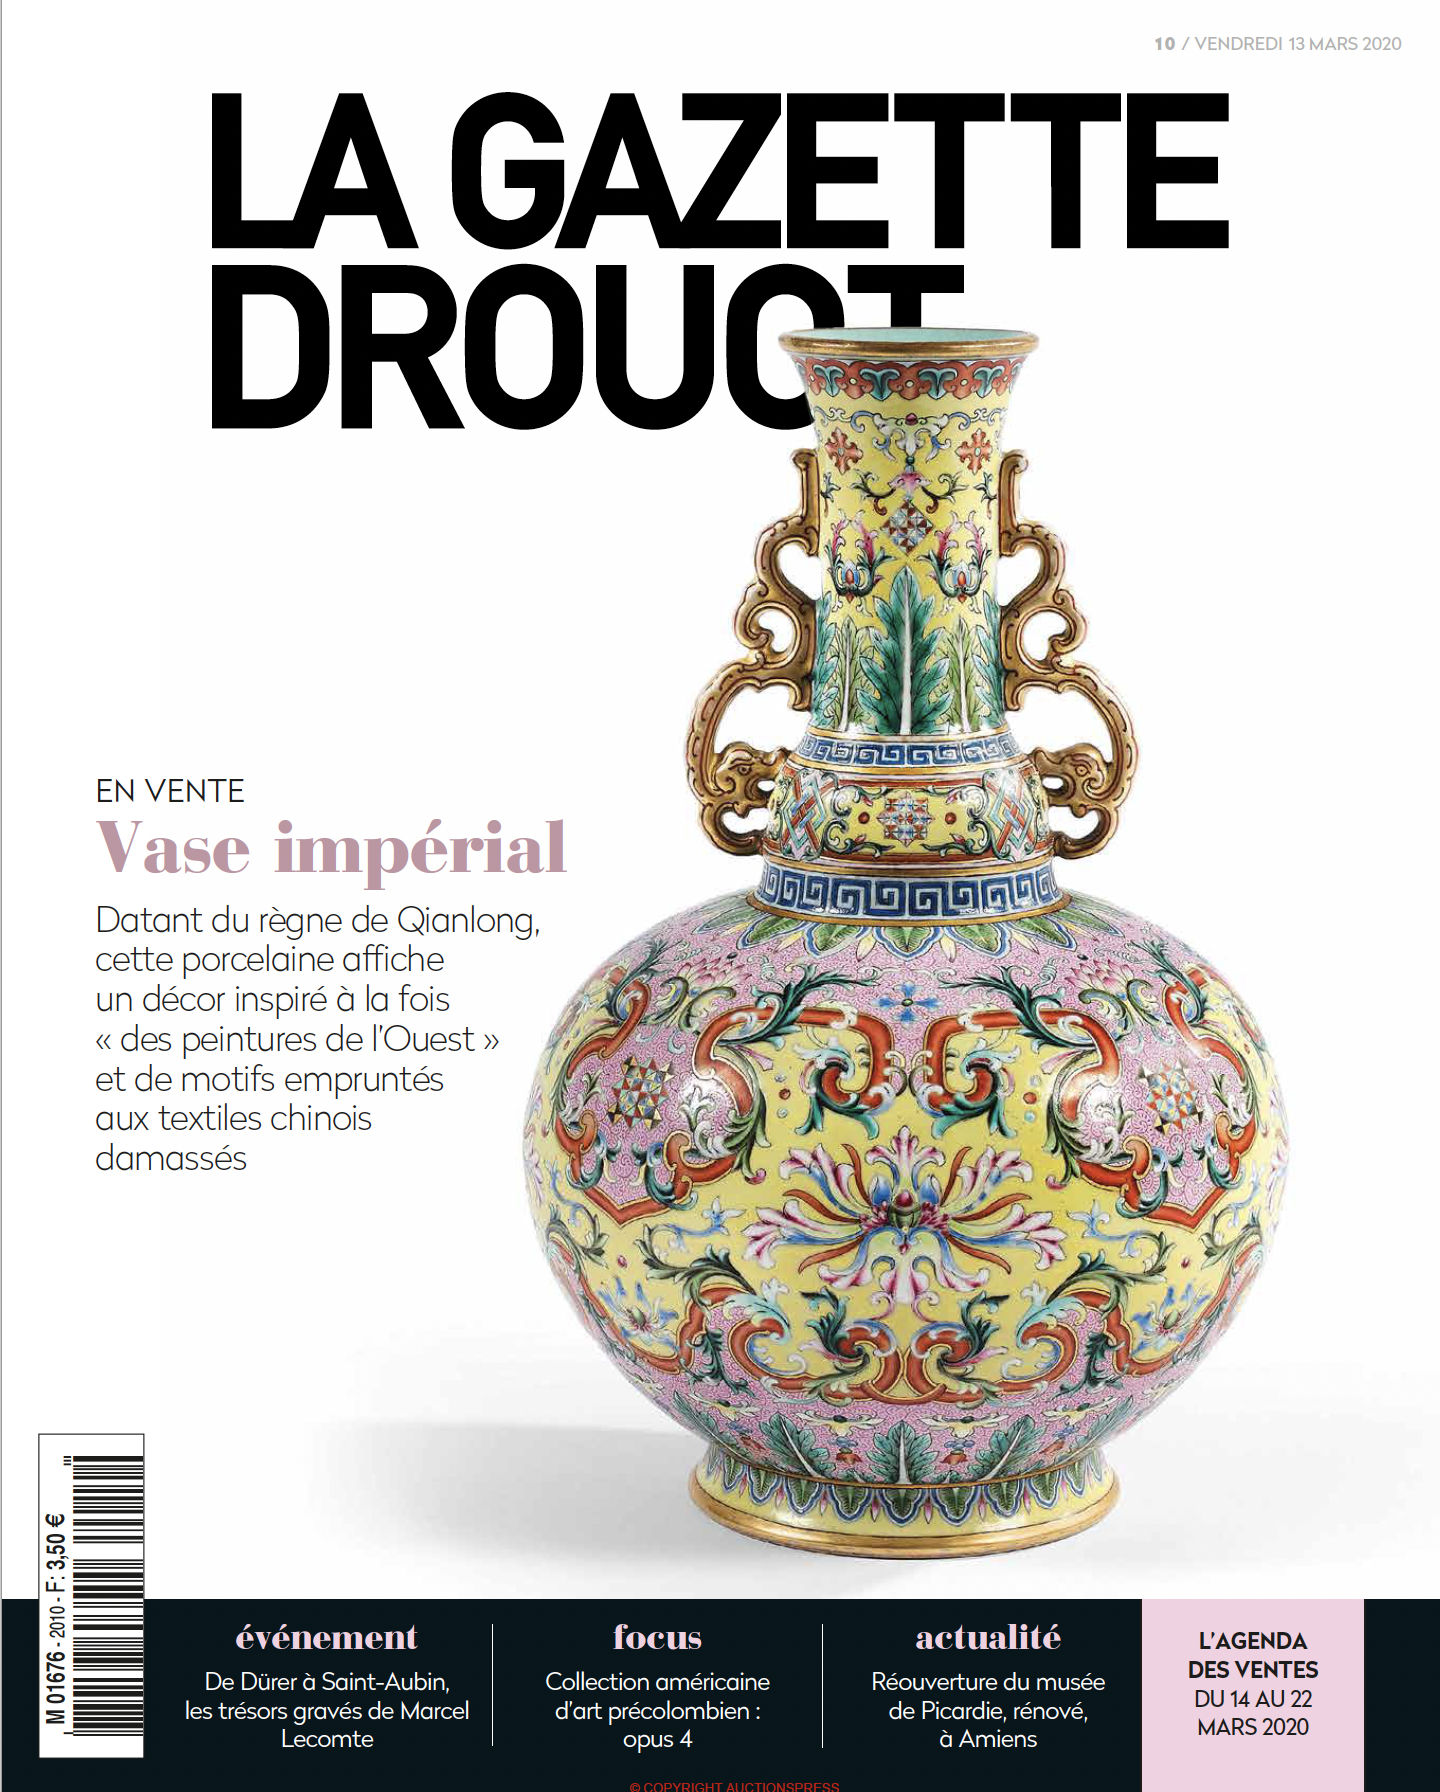 Gazette Drouot #10 du 13 MARS 2020